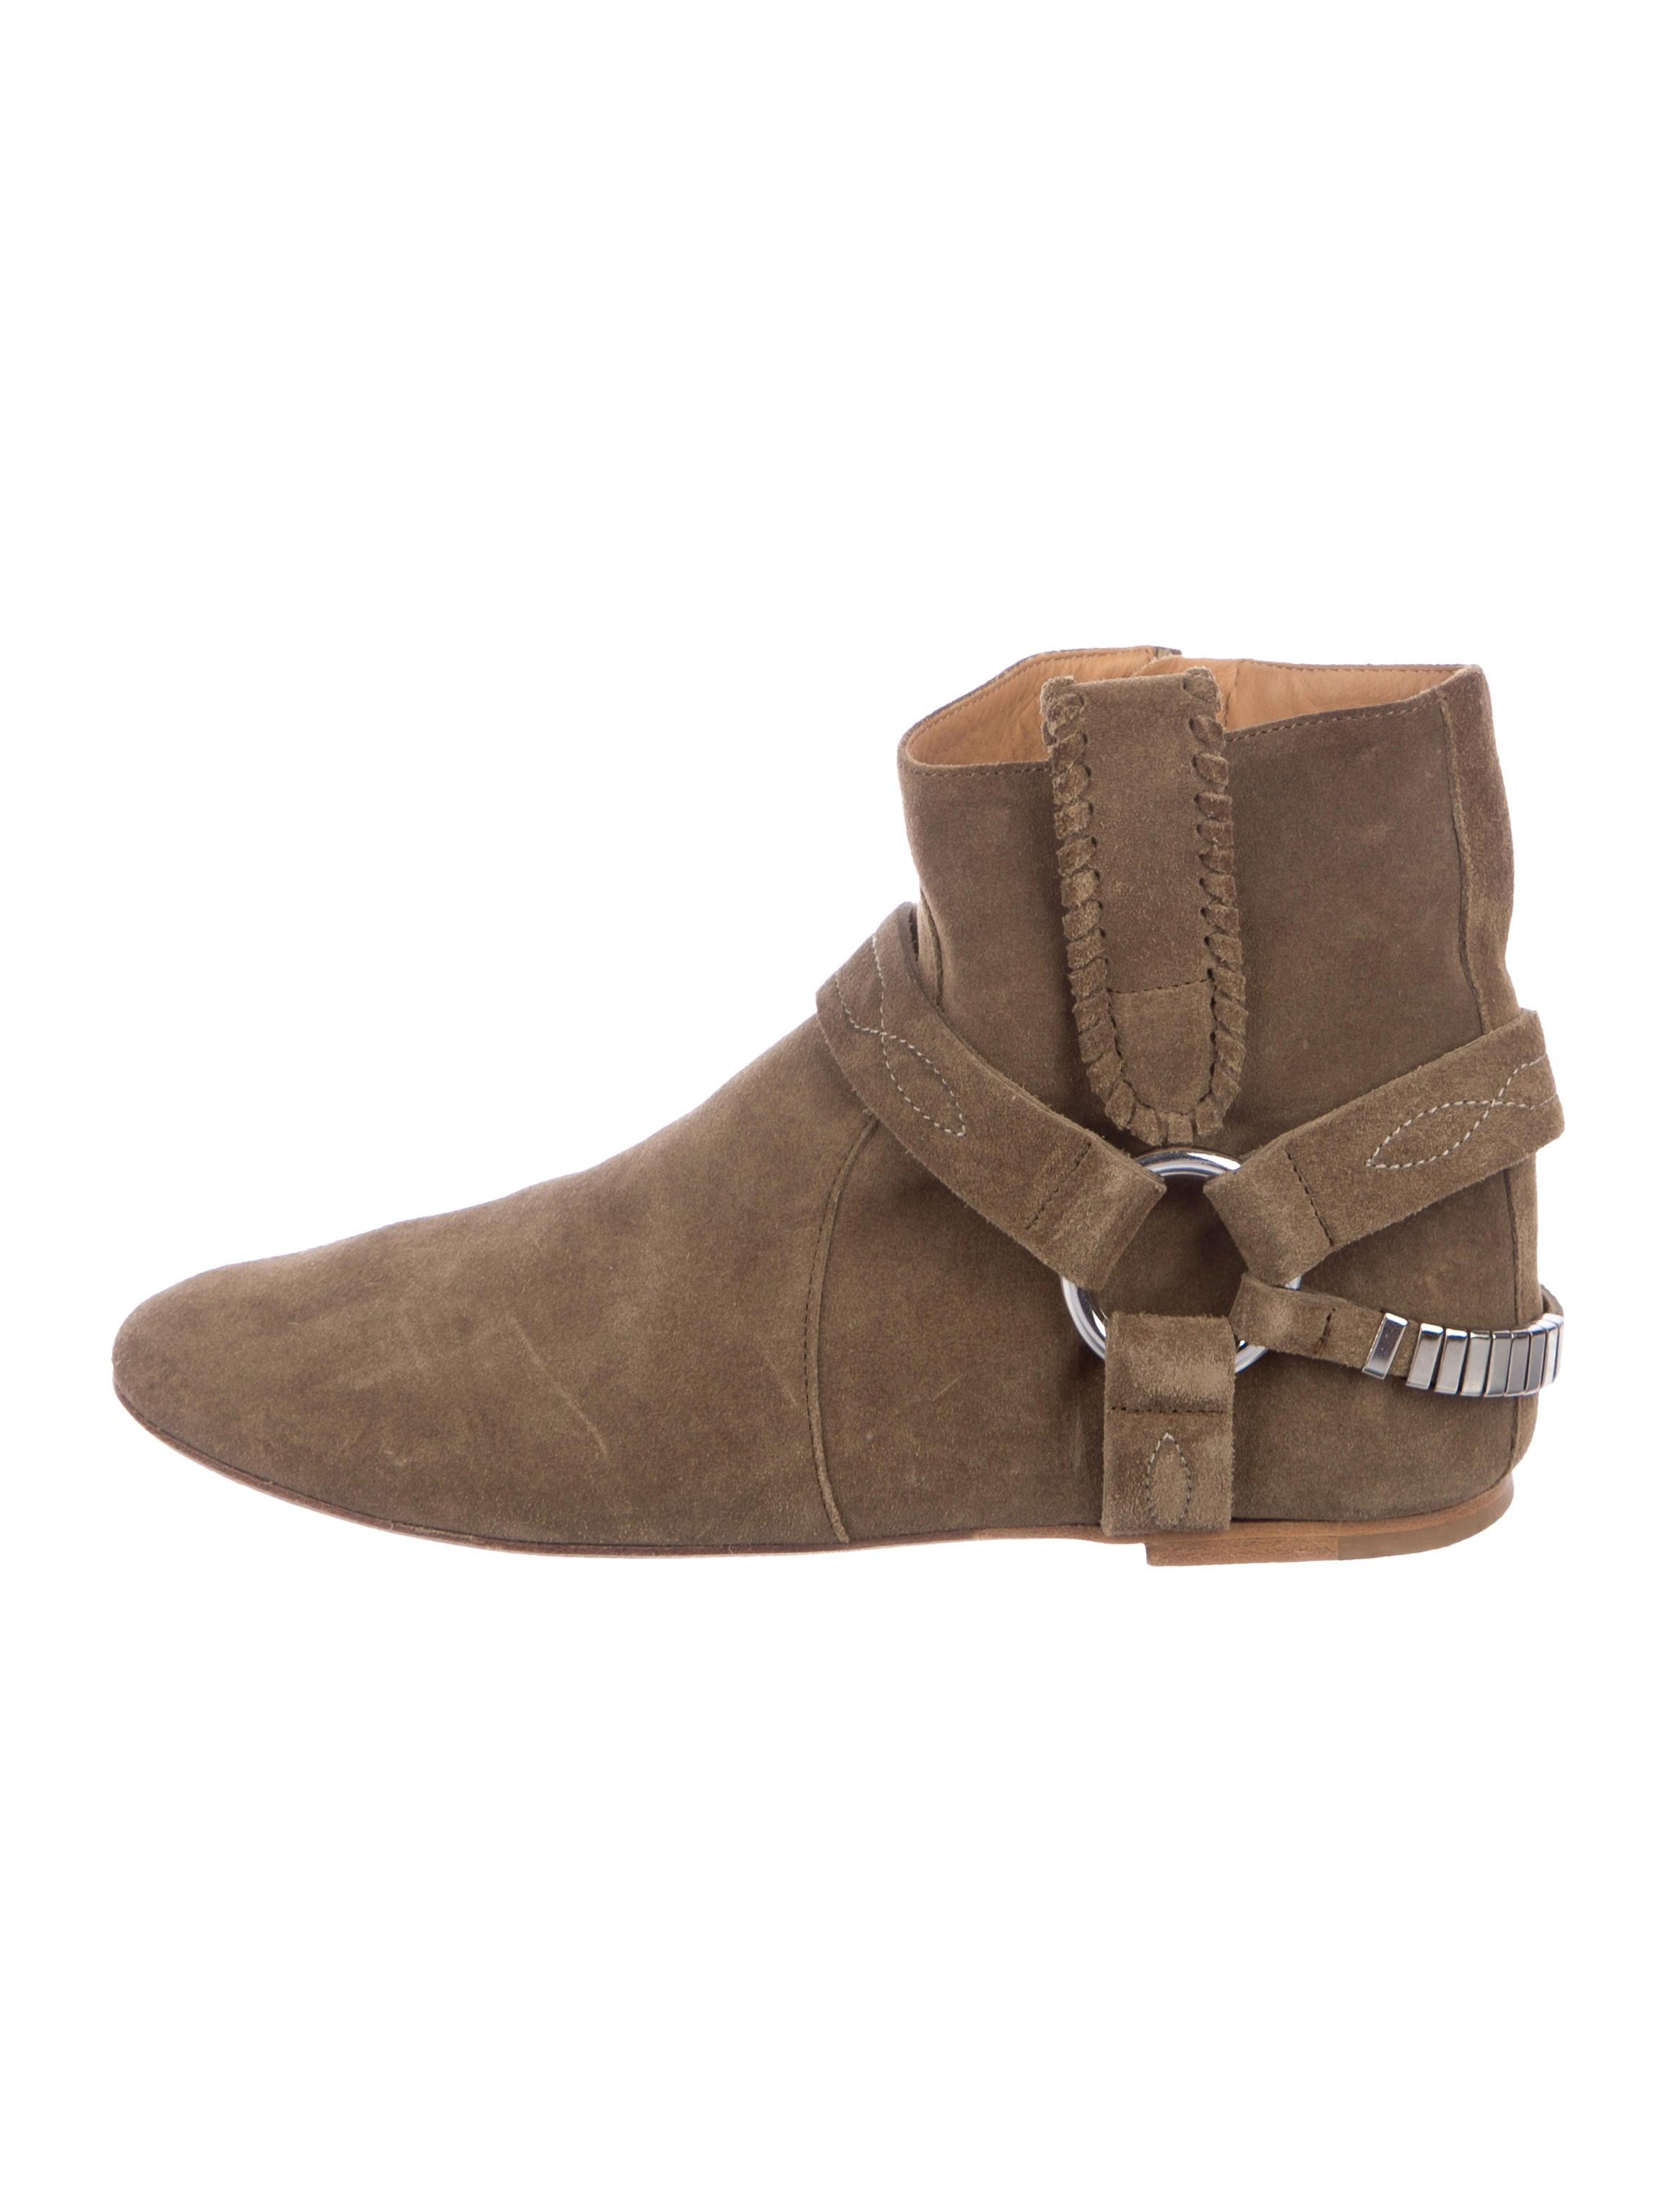 Étoile Isabel Marant Ralf Suede Harness Boots sale excellent qNObHNNZ